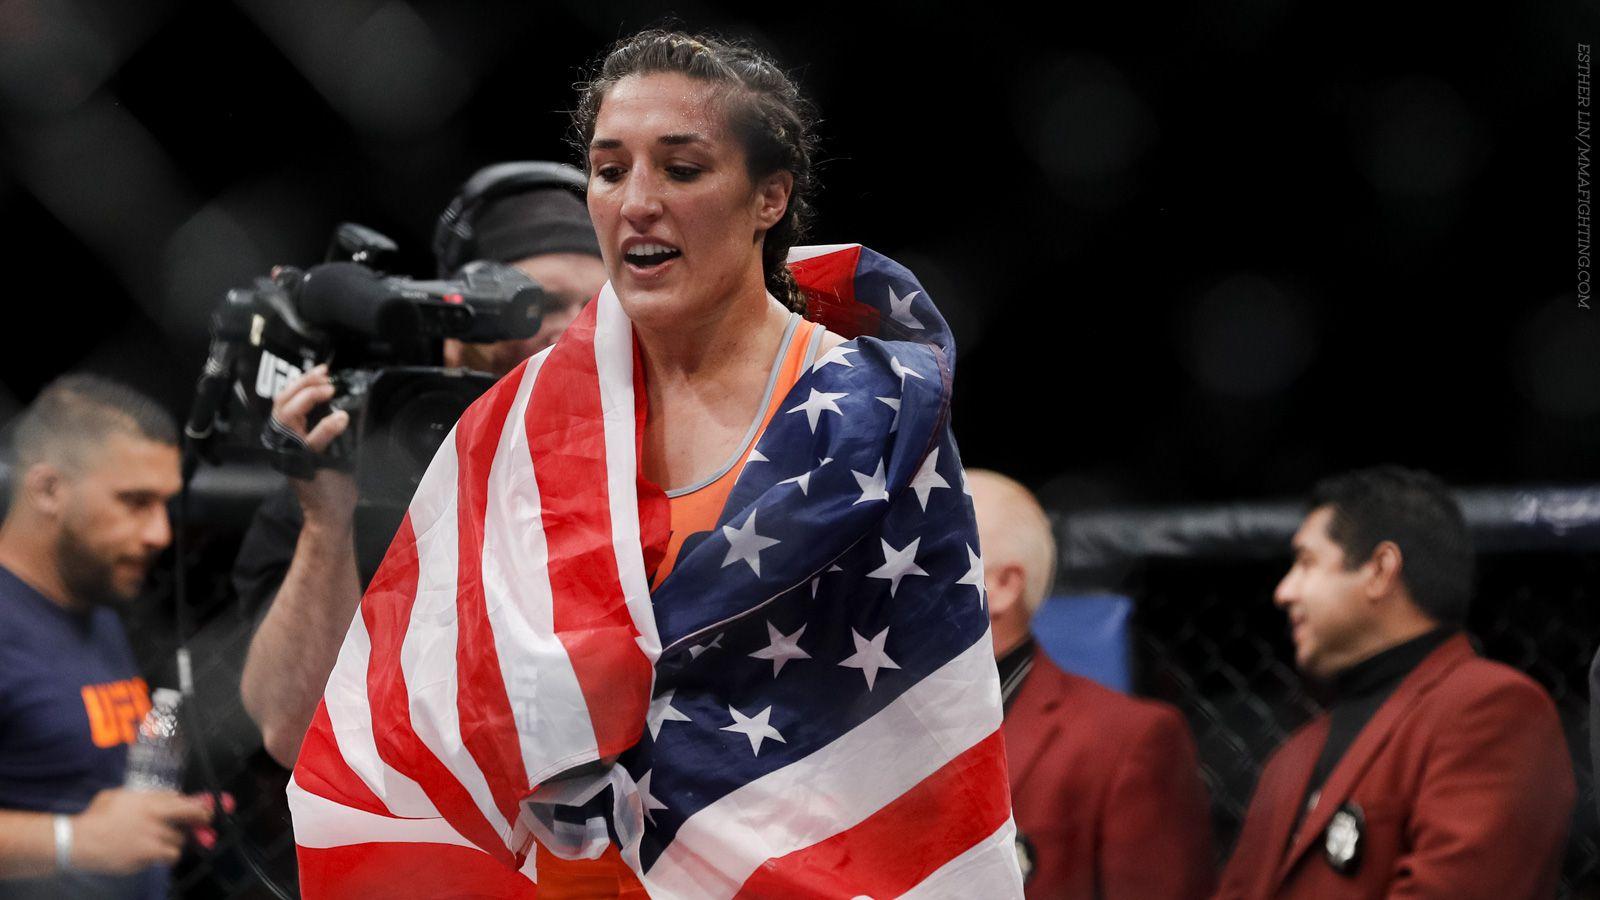 Tatiana Suarez Viviane Pereira Meet At UFC Fight Night